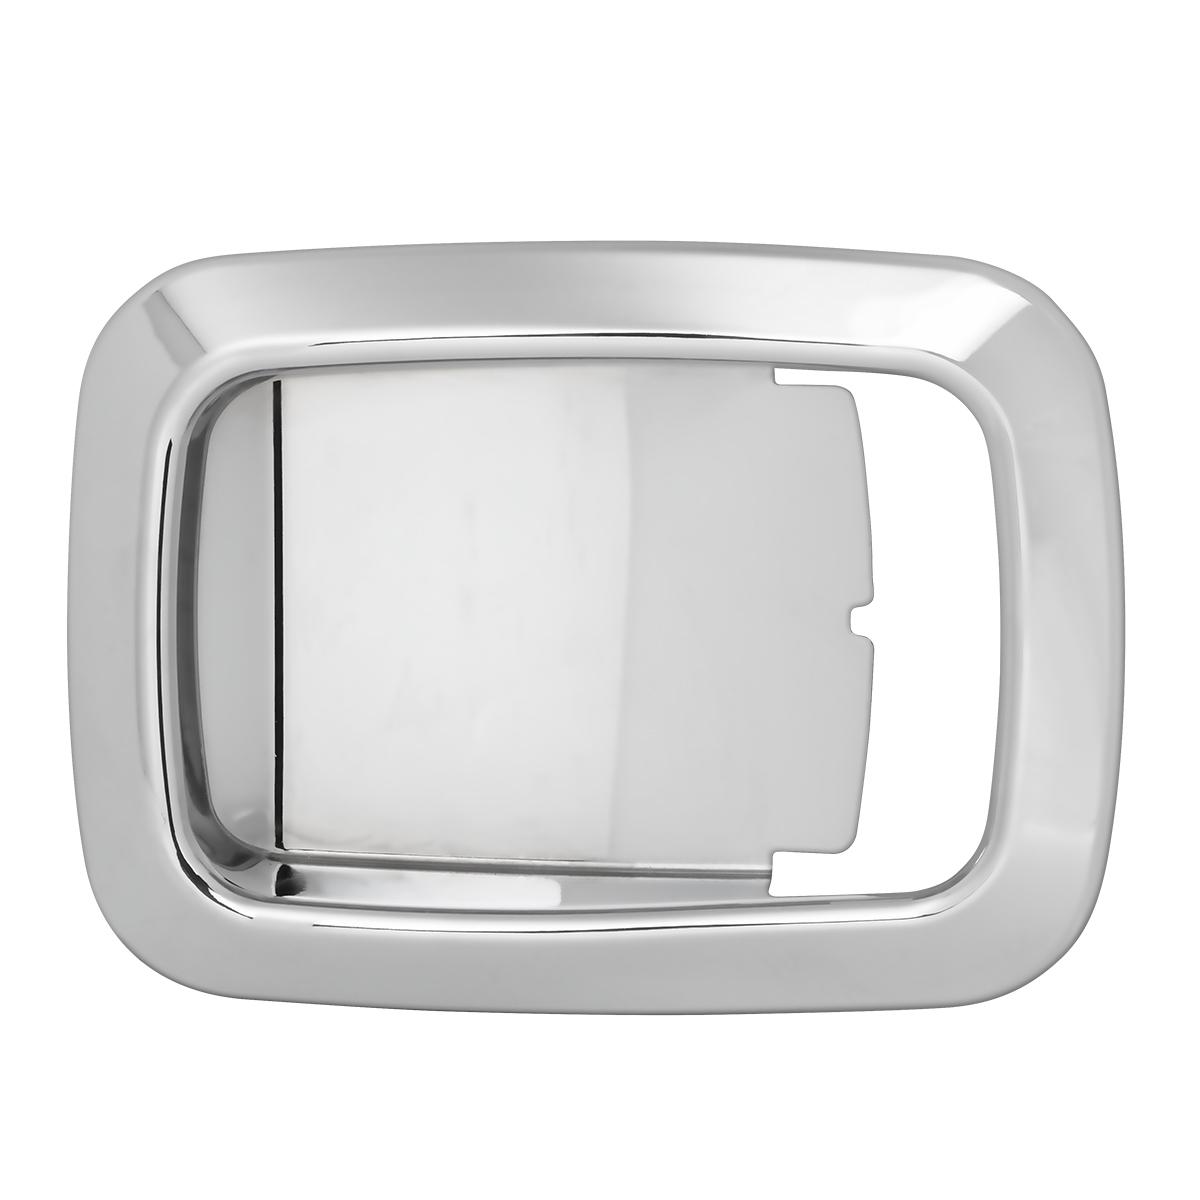 52004 Interior Daylight Door Handle Covers for Kenworth W